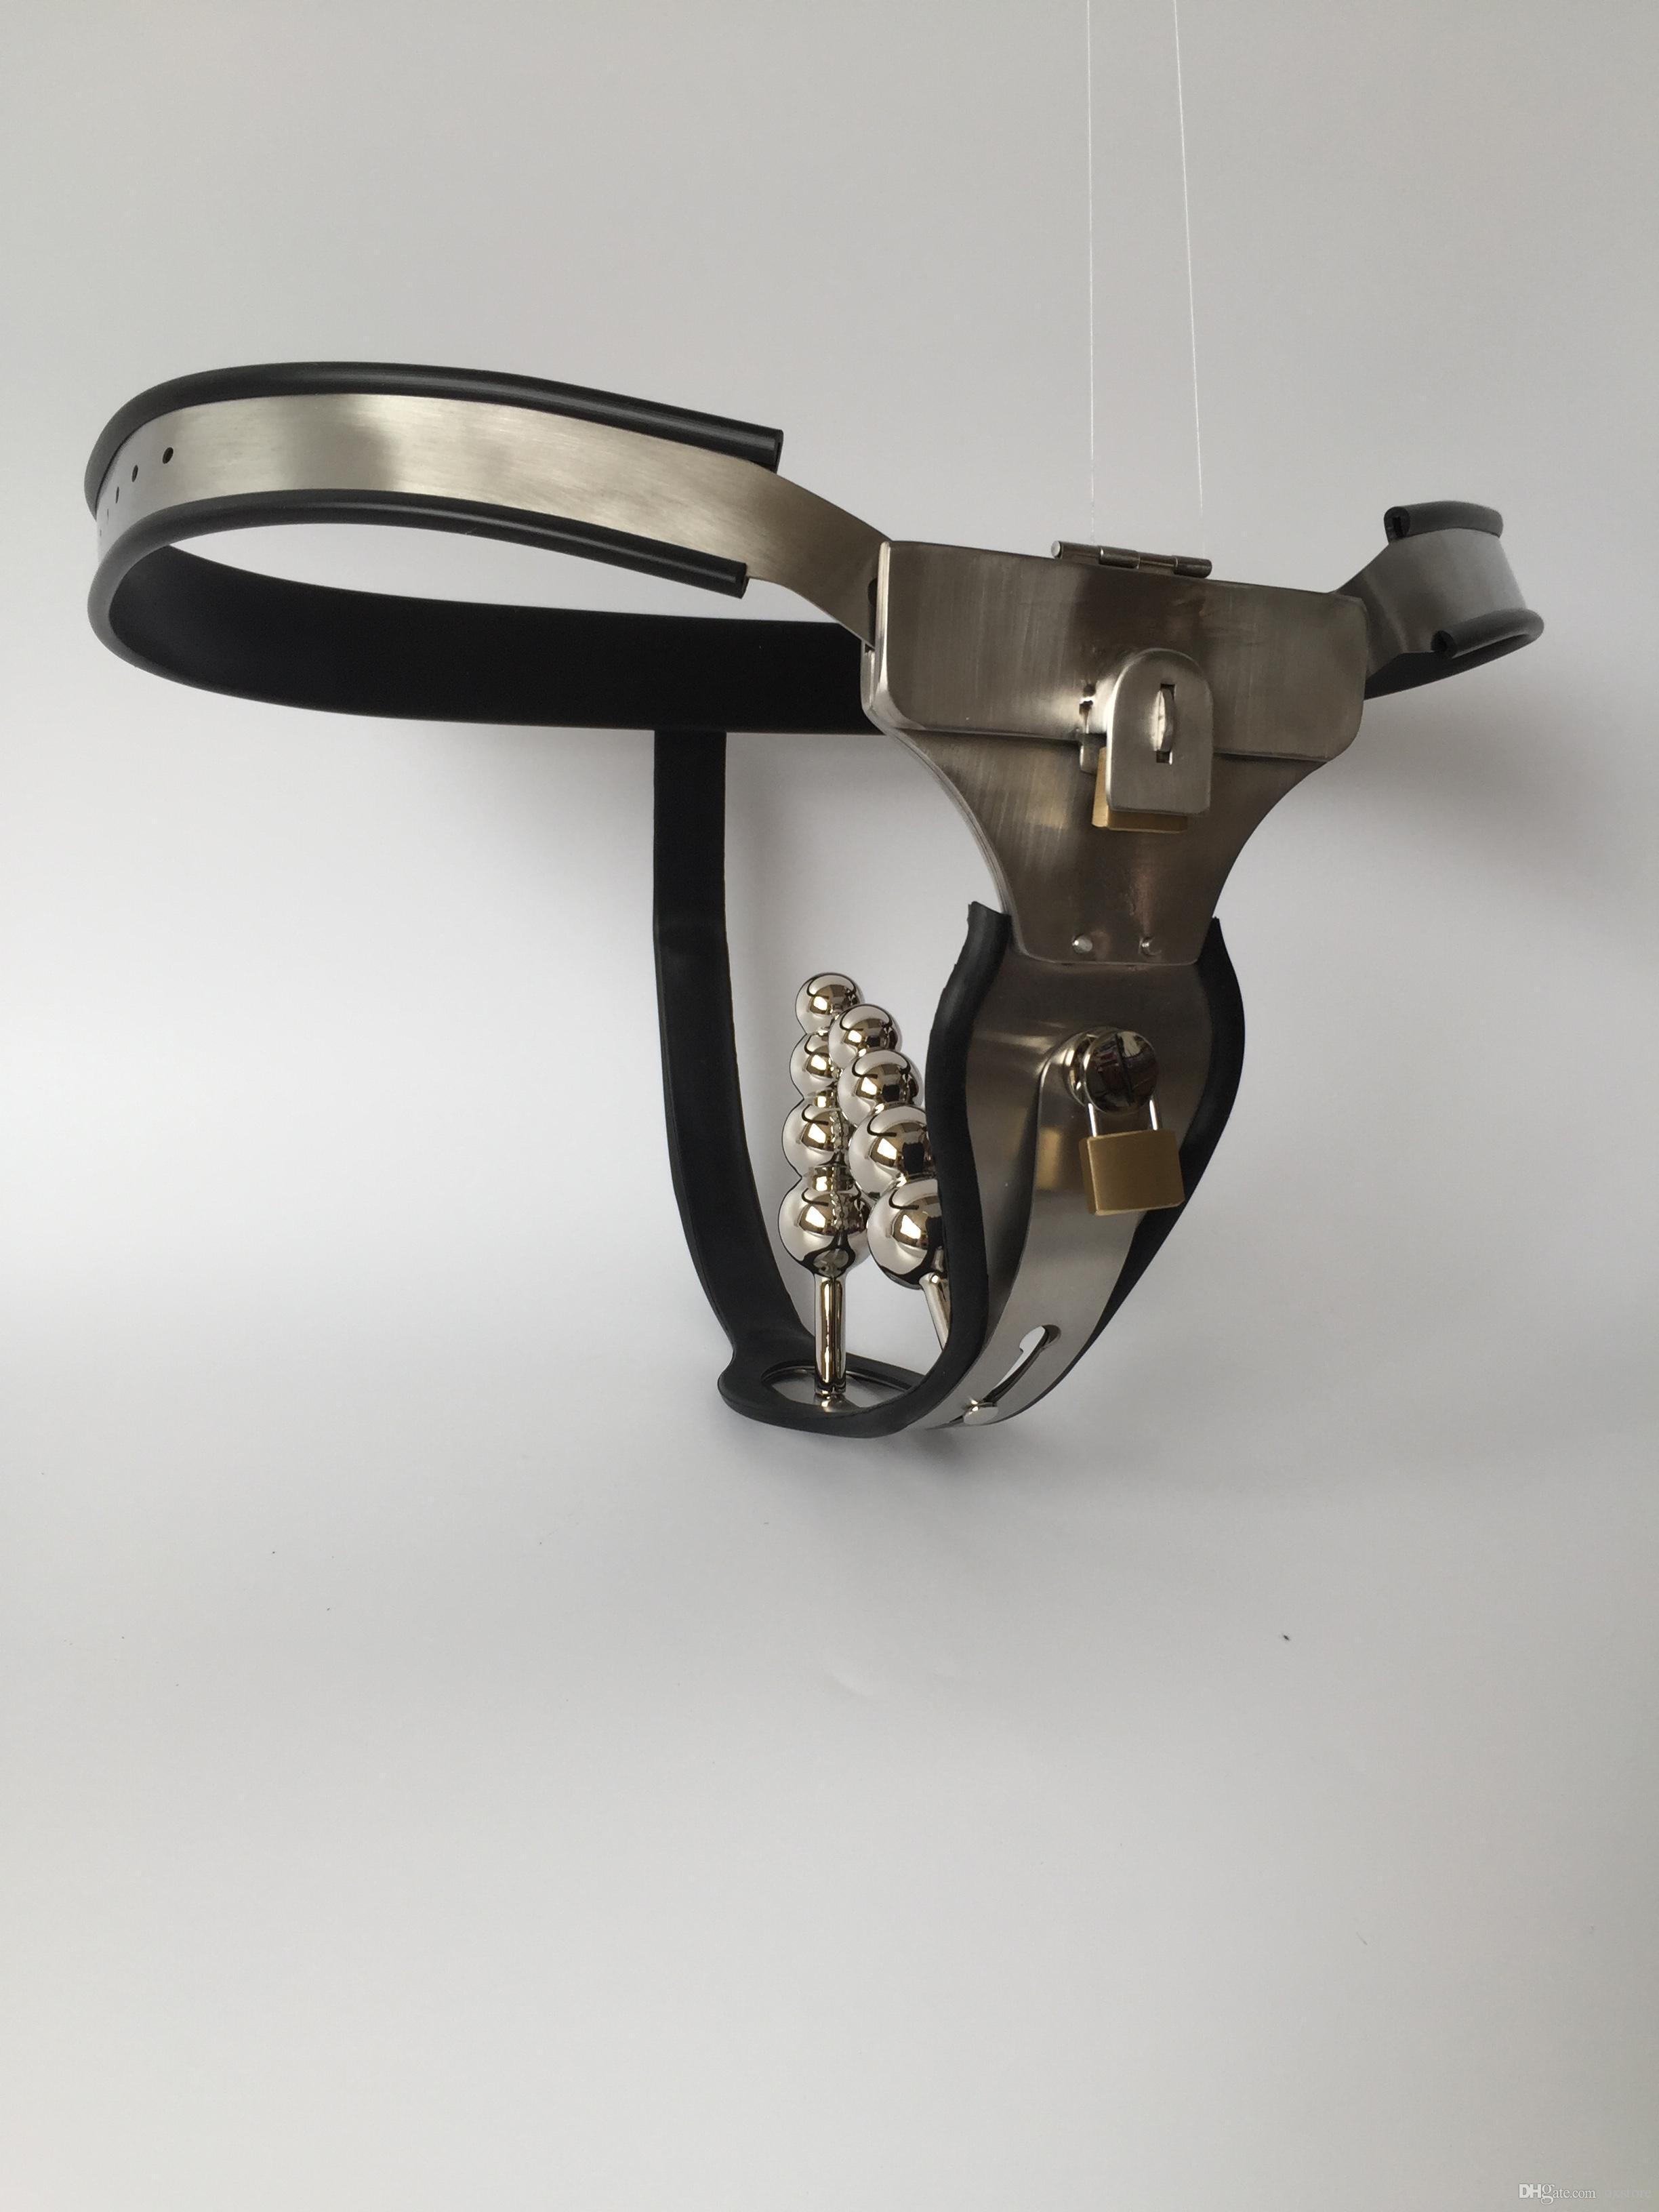 Steel anal plug